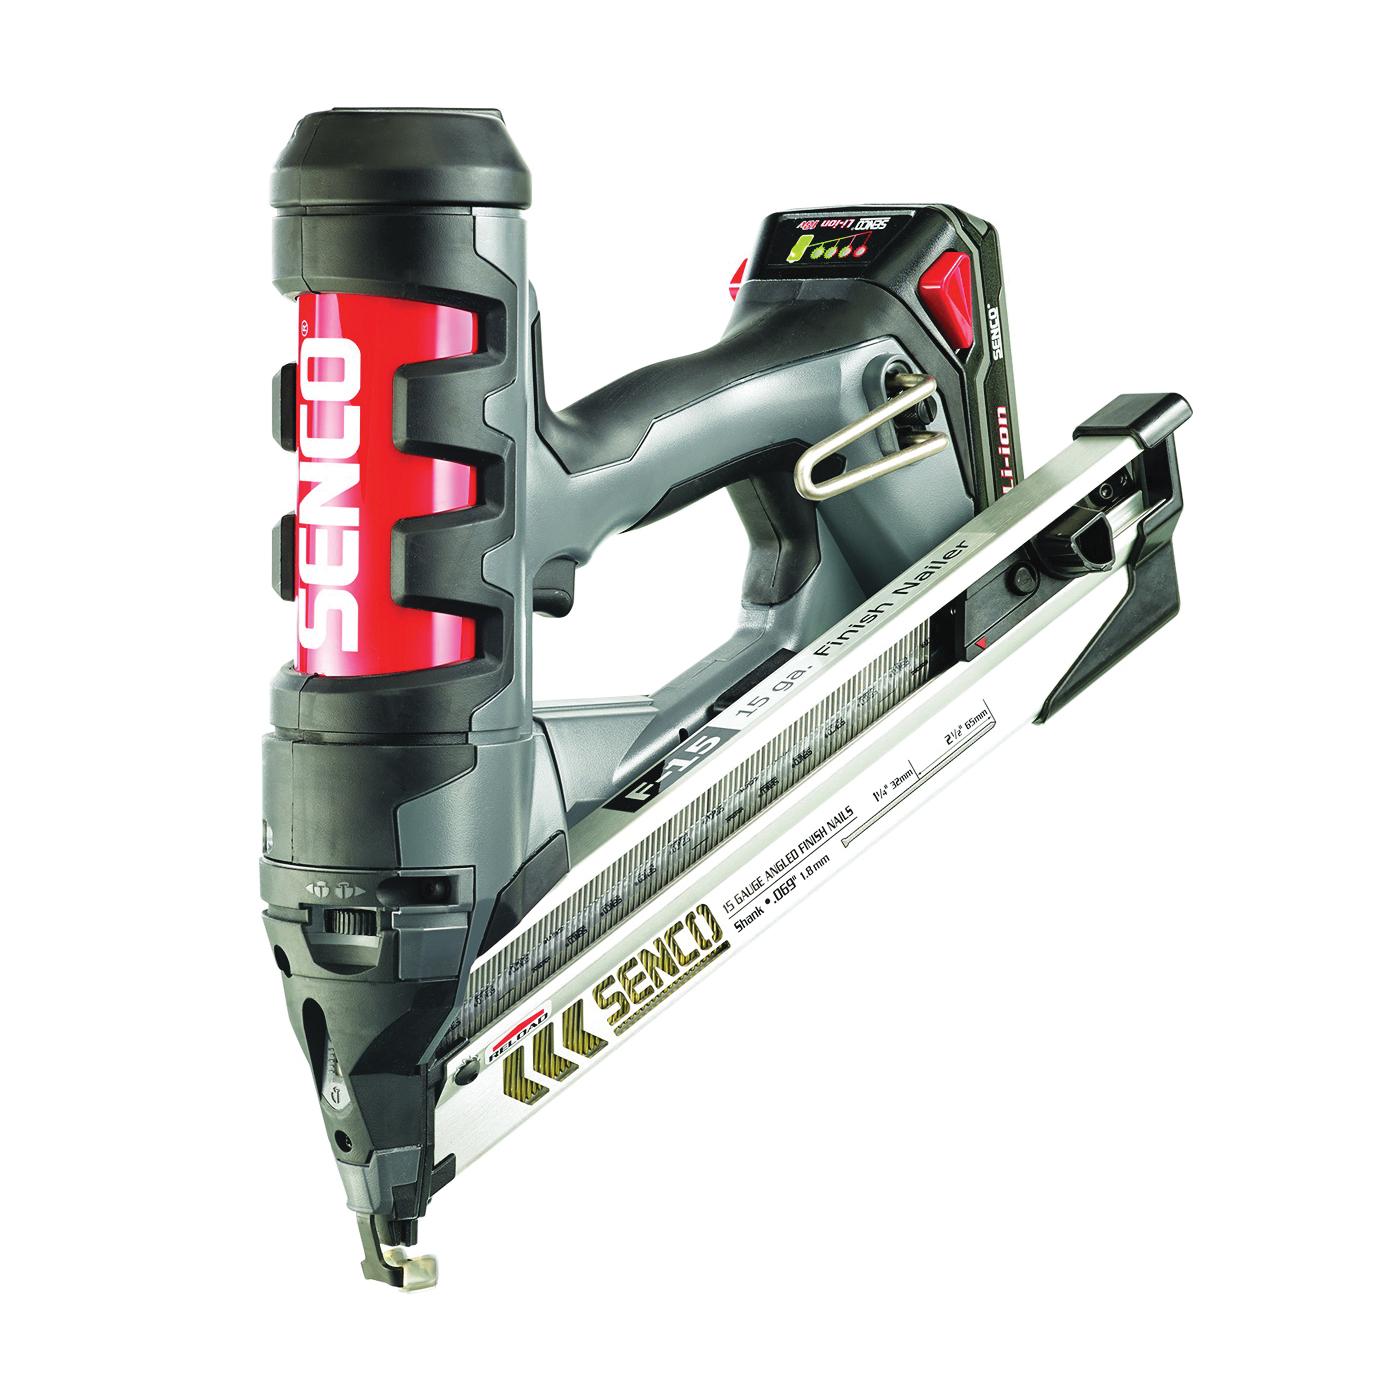 Picture of SENCO 5N0001N Nailer, Kit, 18 V Battery, 1 Ah, 110 Magazine, 34 deg Collation, Paper Tape Collation, 15 ga Nail